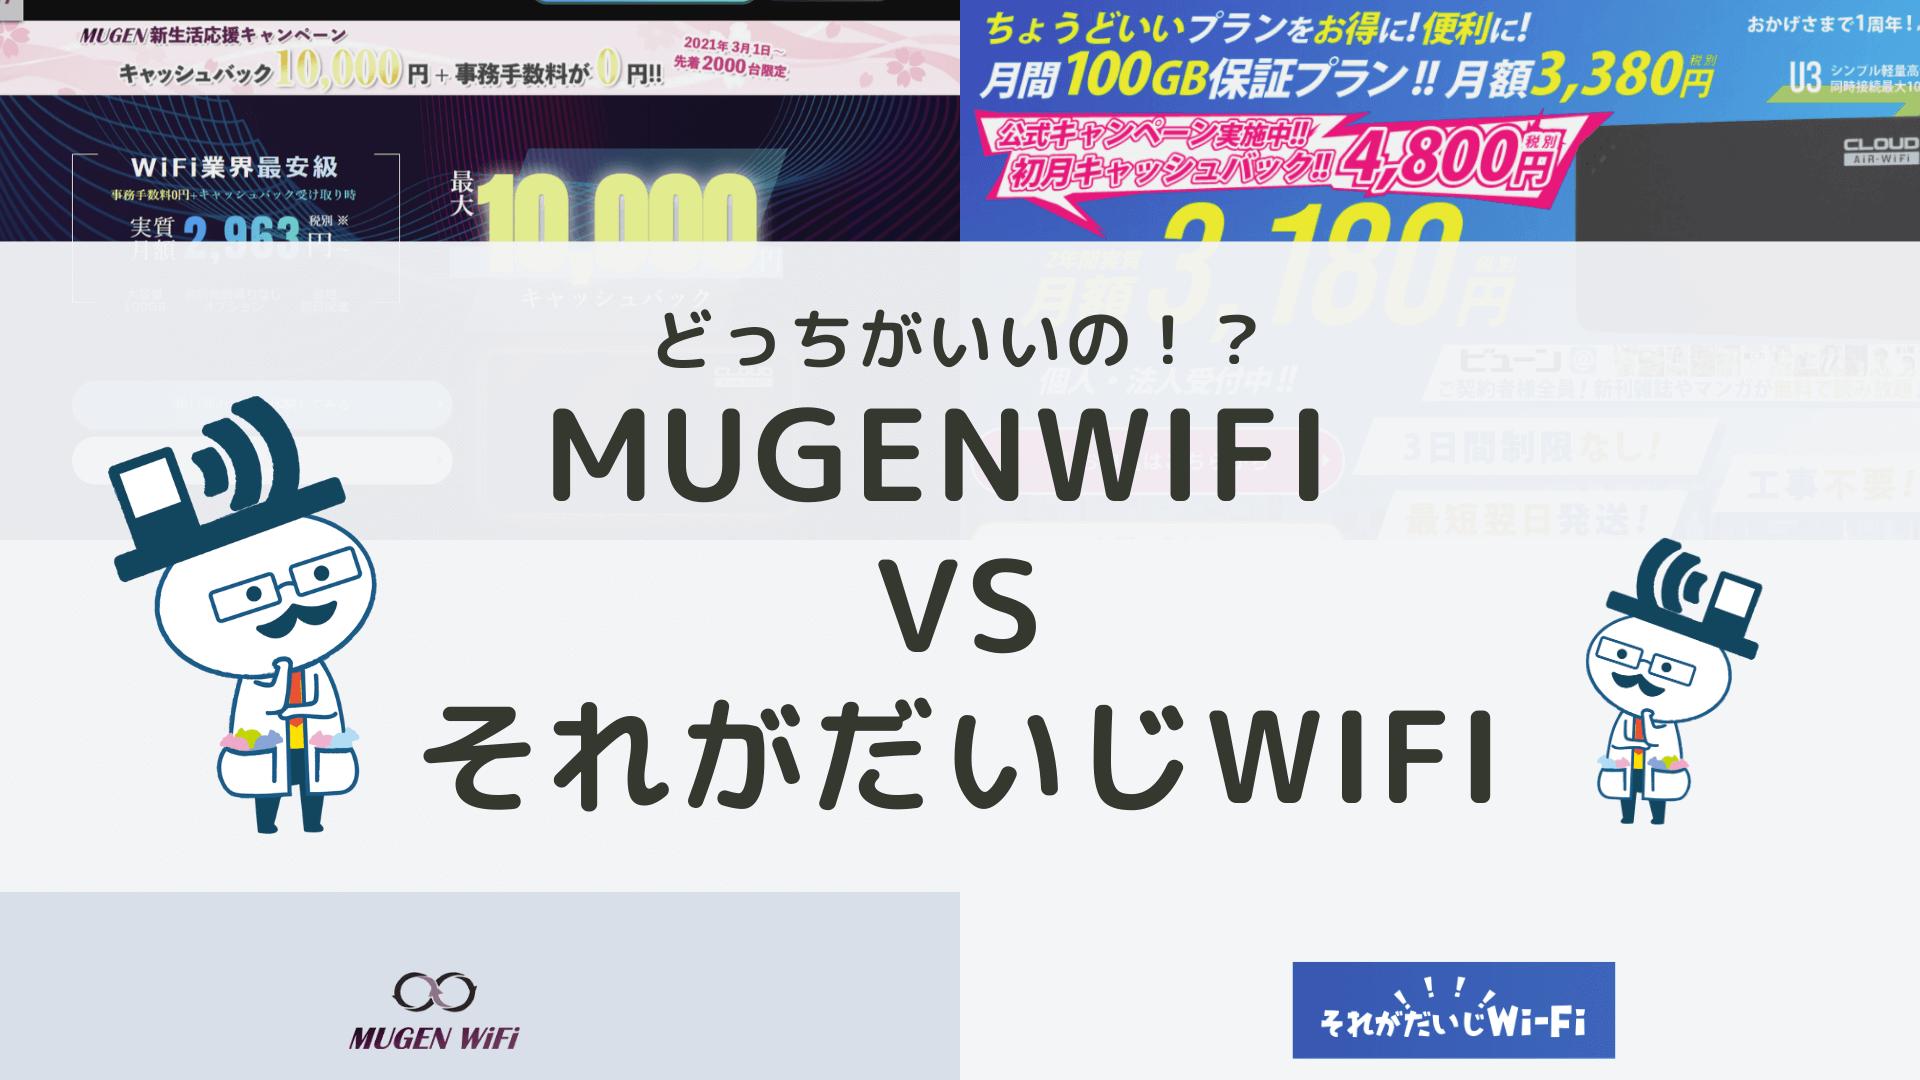 Mugen WiFiとそれがだいじWiFiの比較